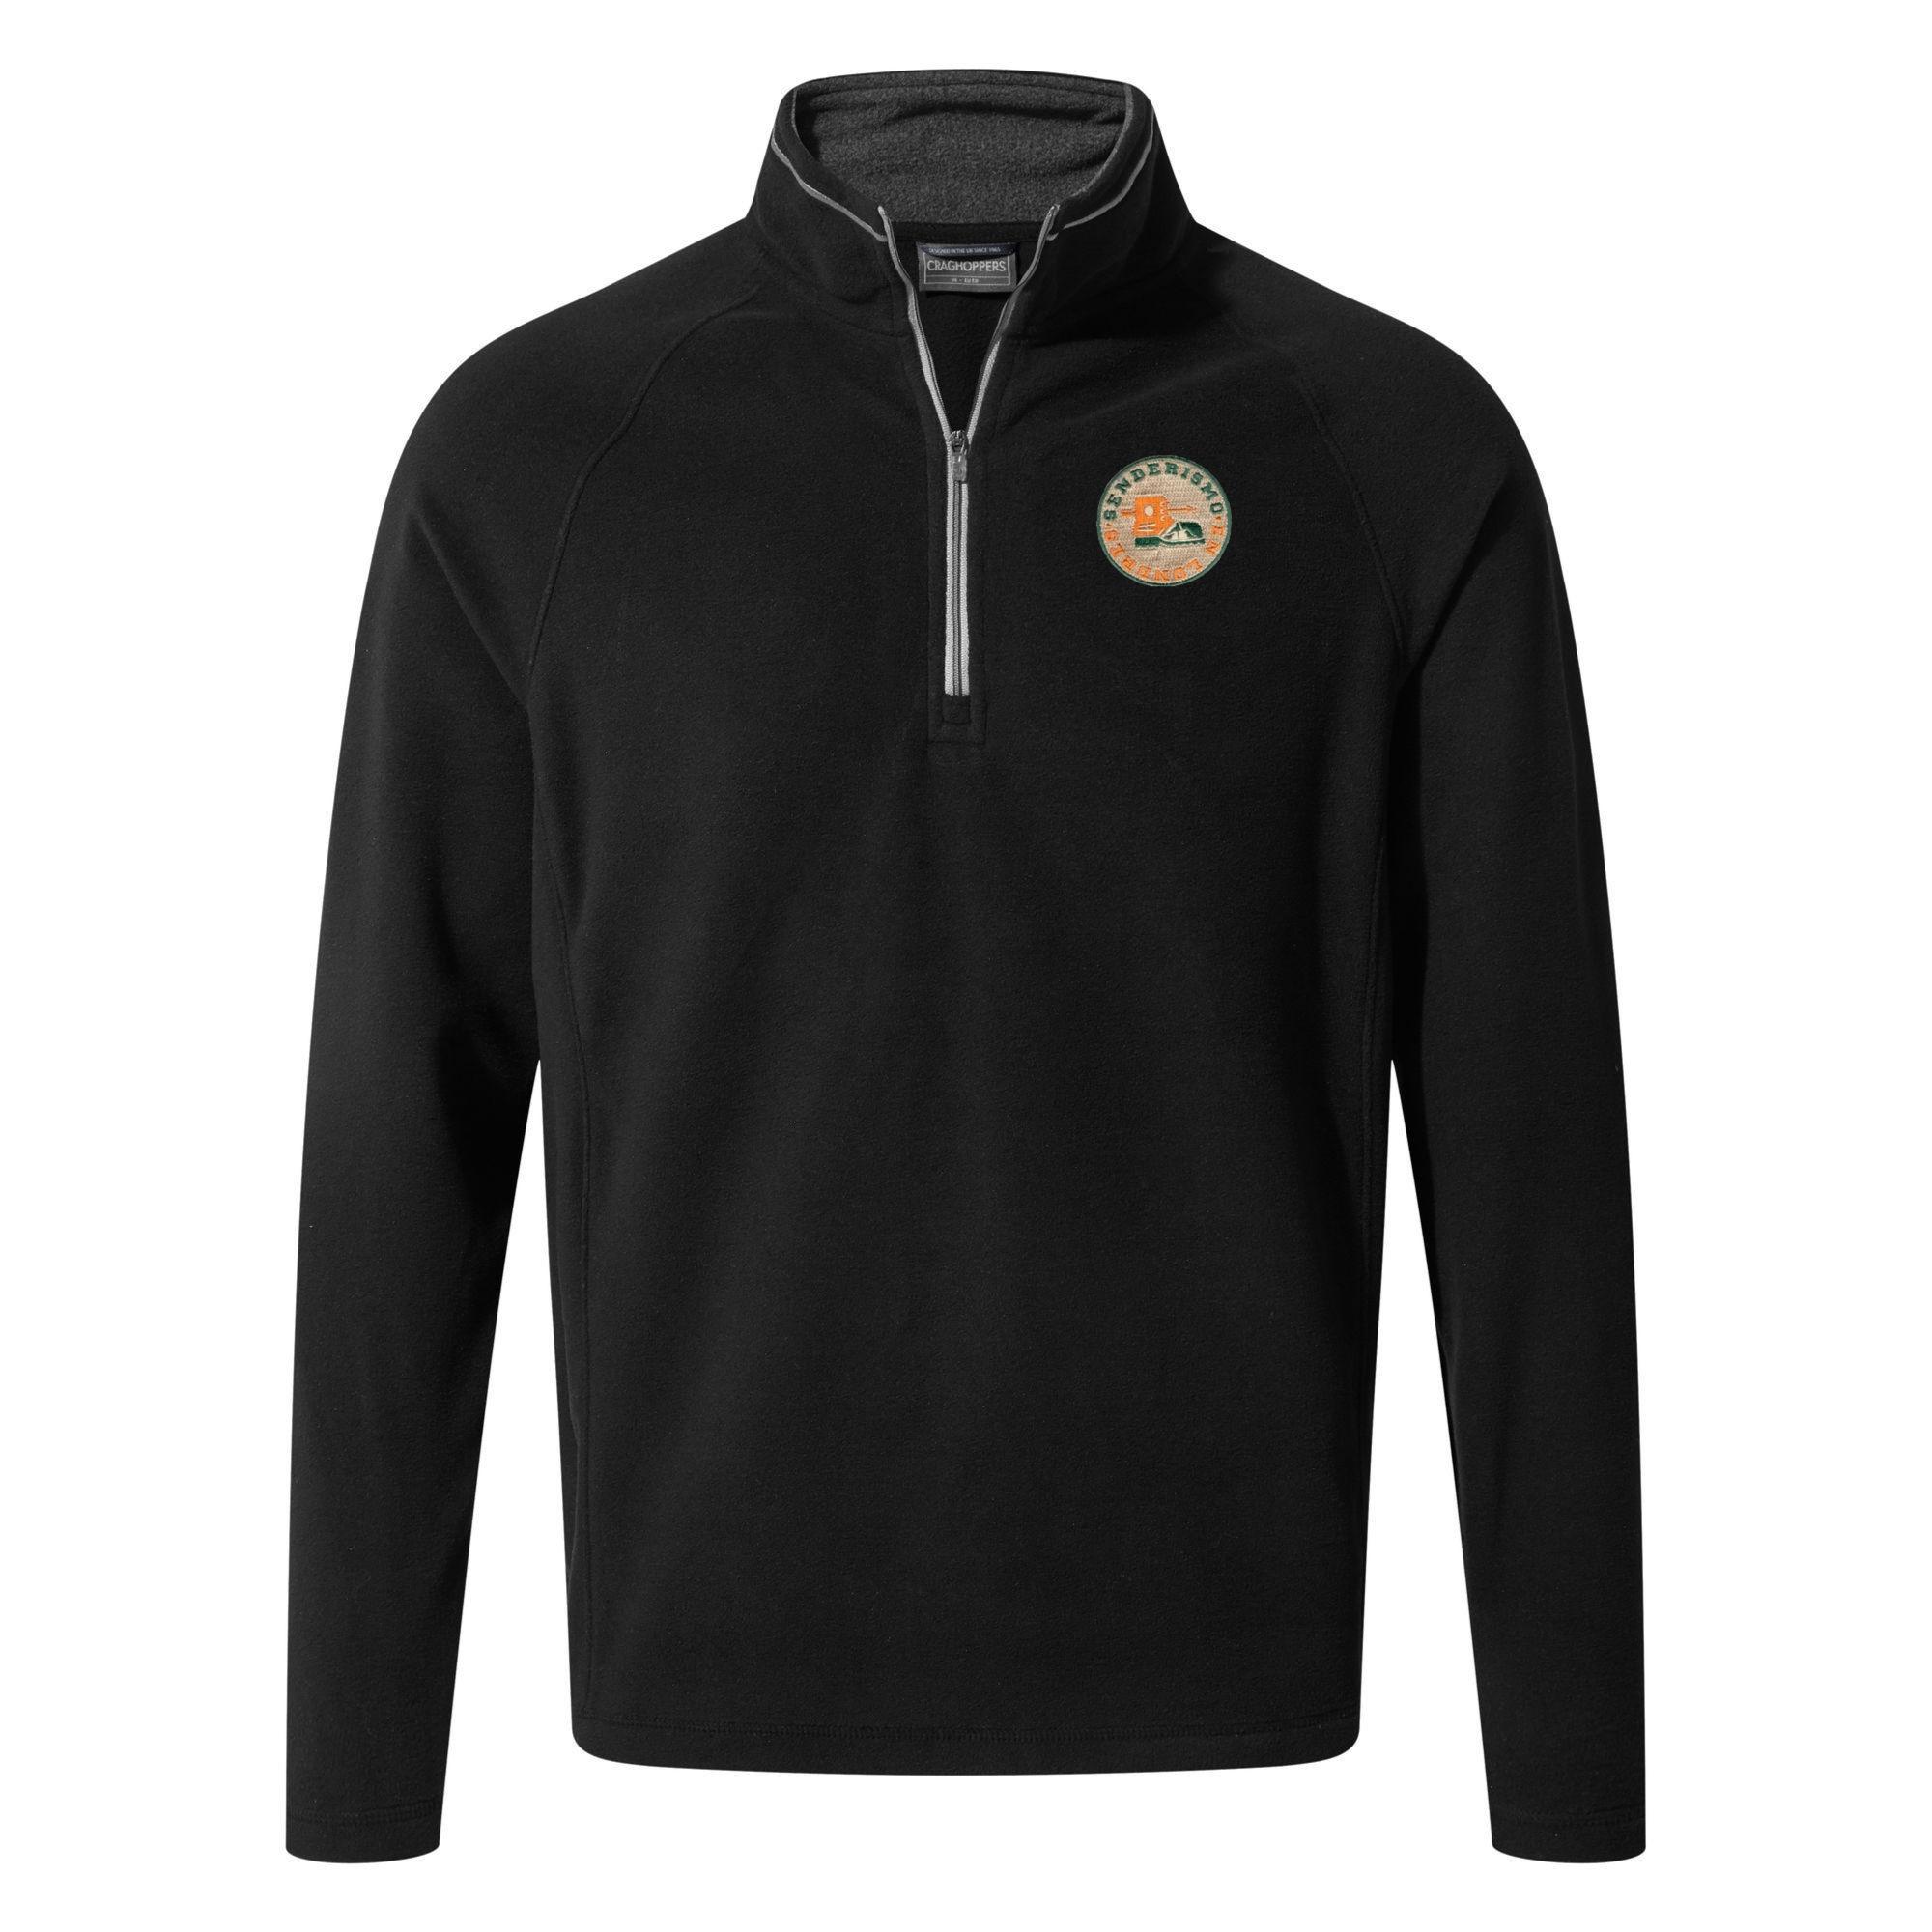 CRAGHOPPERS Men's Coordinate Fleece Corey V Half-Zip - Black